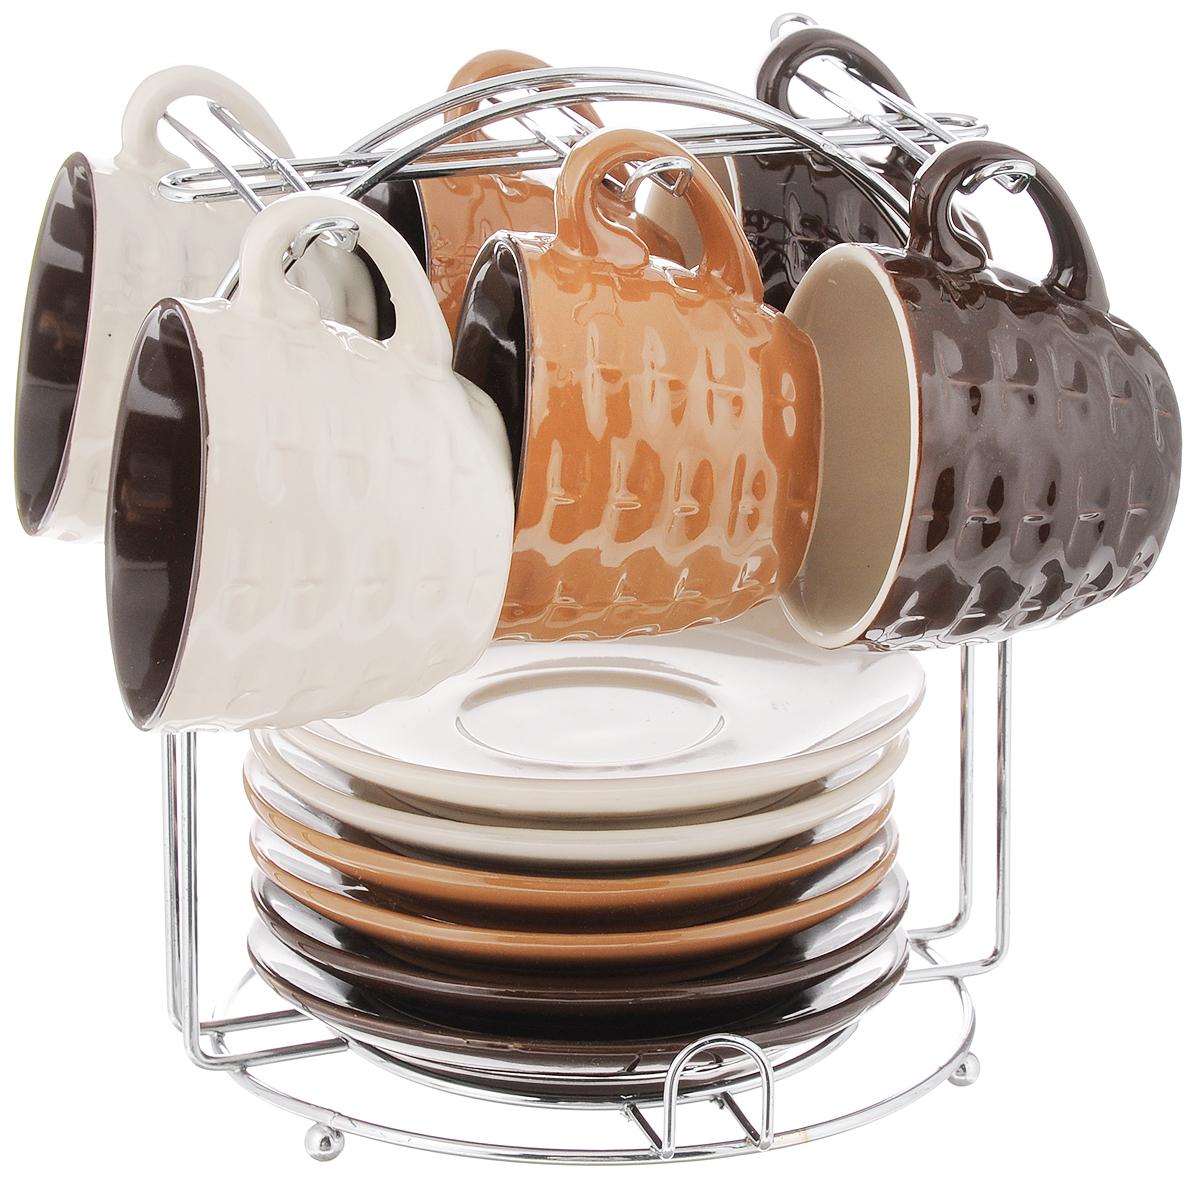 Фото - Набор кофейный Loraine, 13 предметов. 24669 [супермаркет] jingdong геб scybe фил приблизительно круглая чашка установлена в вертикальном положении стеклянной чашки 290мла 6 z